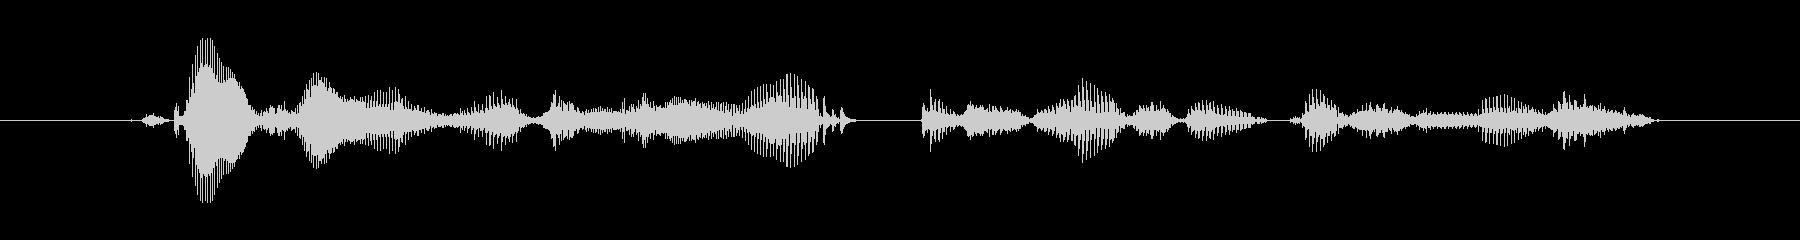 【時報・時間】午前8時を、お知らせいた…の未再生の波形